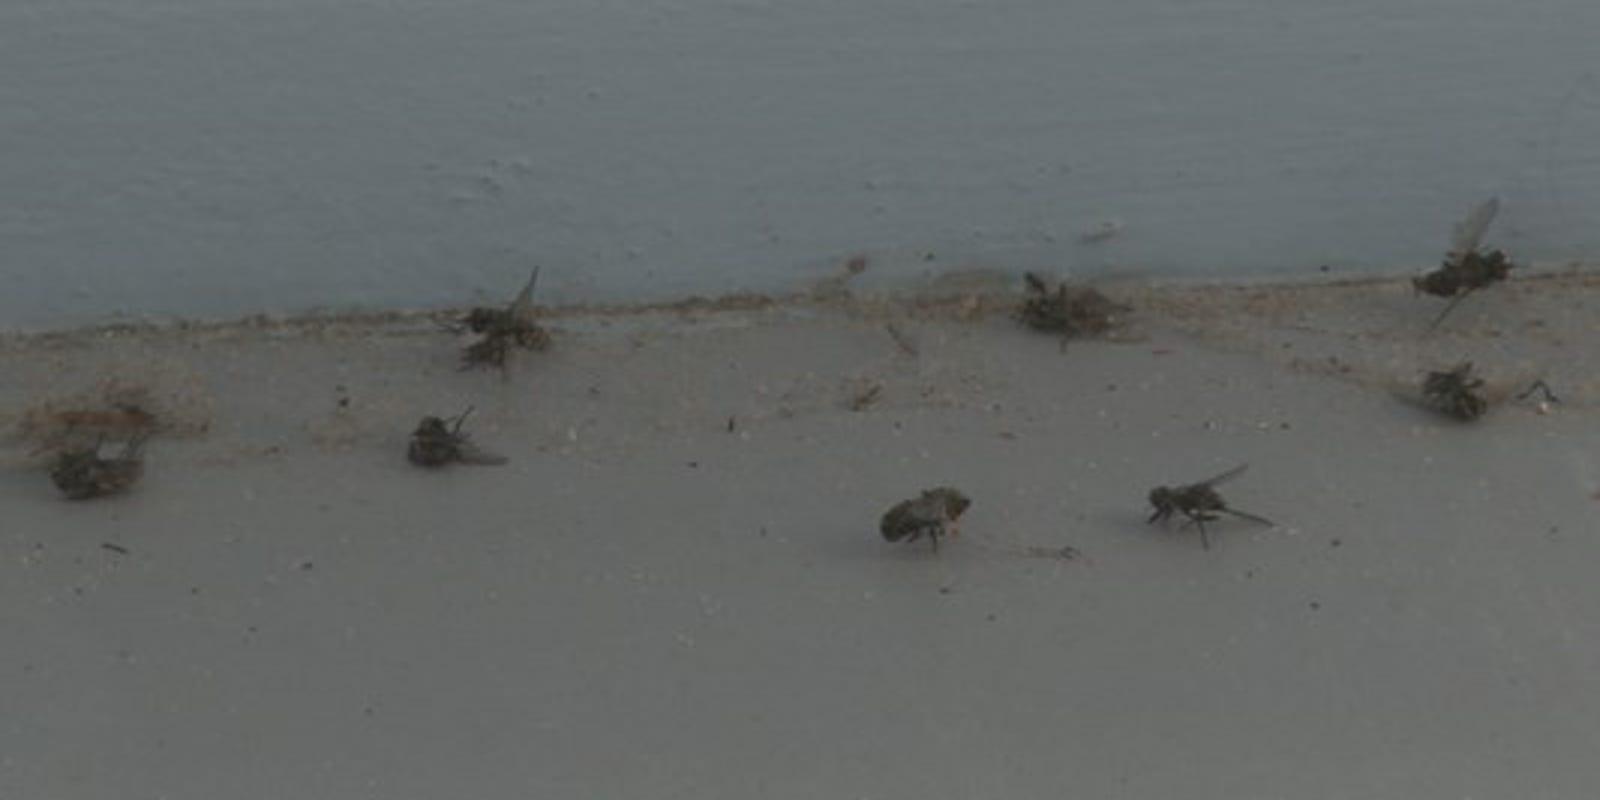 Biting flies annoy Michigan beachgoers